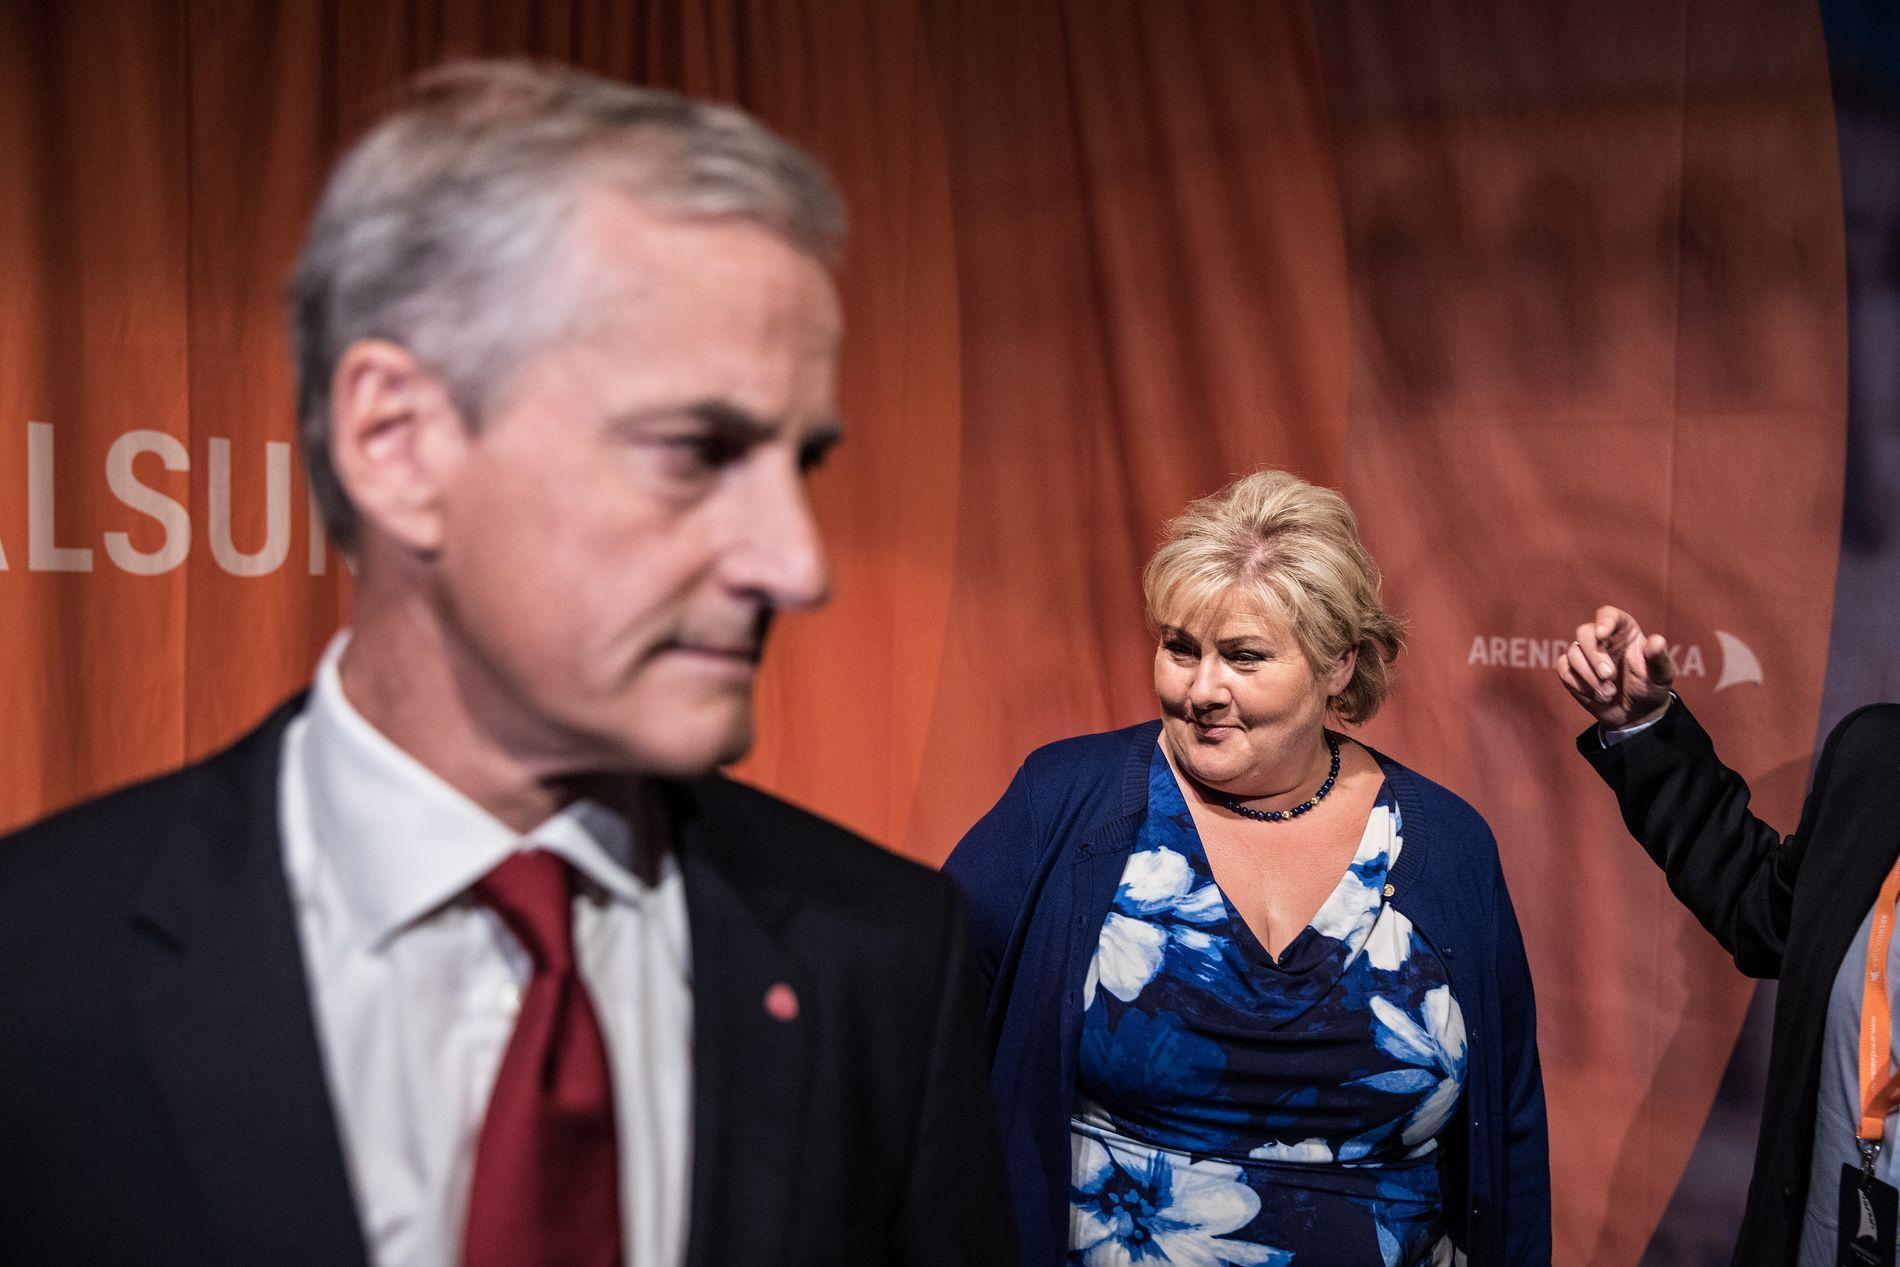 MOTBAKKE: Etter partilederdebatten under Arendalsuka gikk Støre seirende ut. Men gleden var kortvarig, skal vi tro de siste målingene.